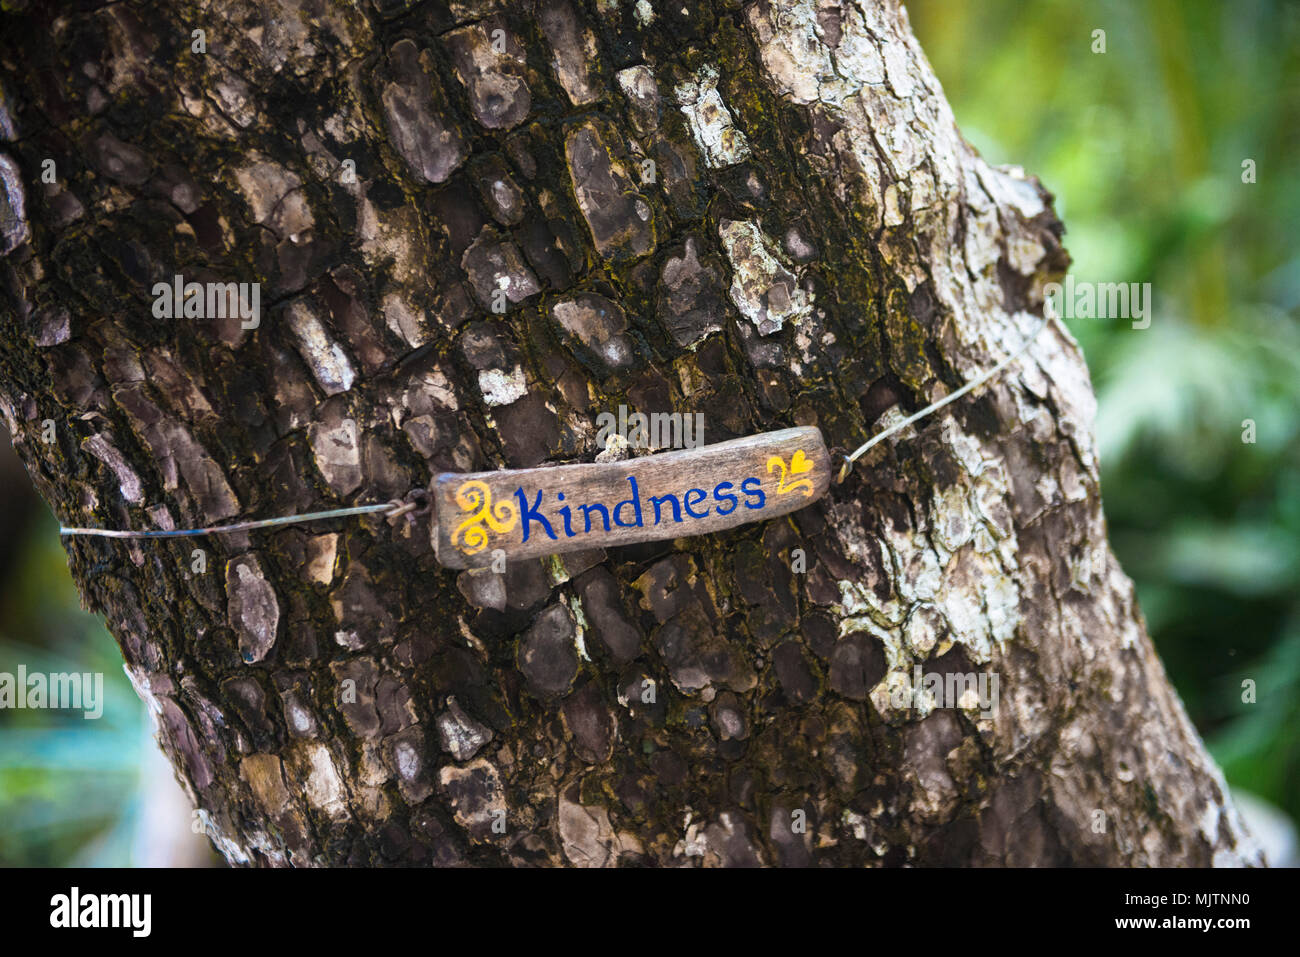 La gentilezza di segno nascosto delicatamente nella foresta come un sublime promemoria. Fatte a mano, che si trova in Costa Rica. Belle esperienze di viaggio possono essere trovati nei dettagli. Immagini Stock